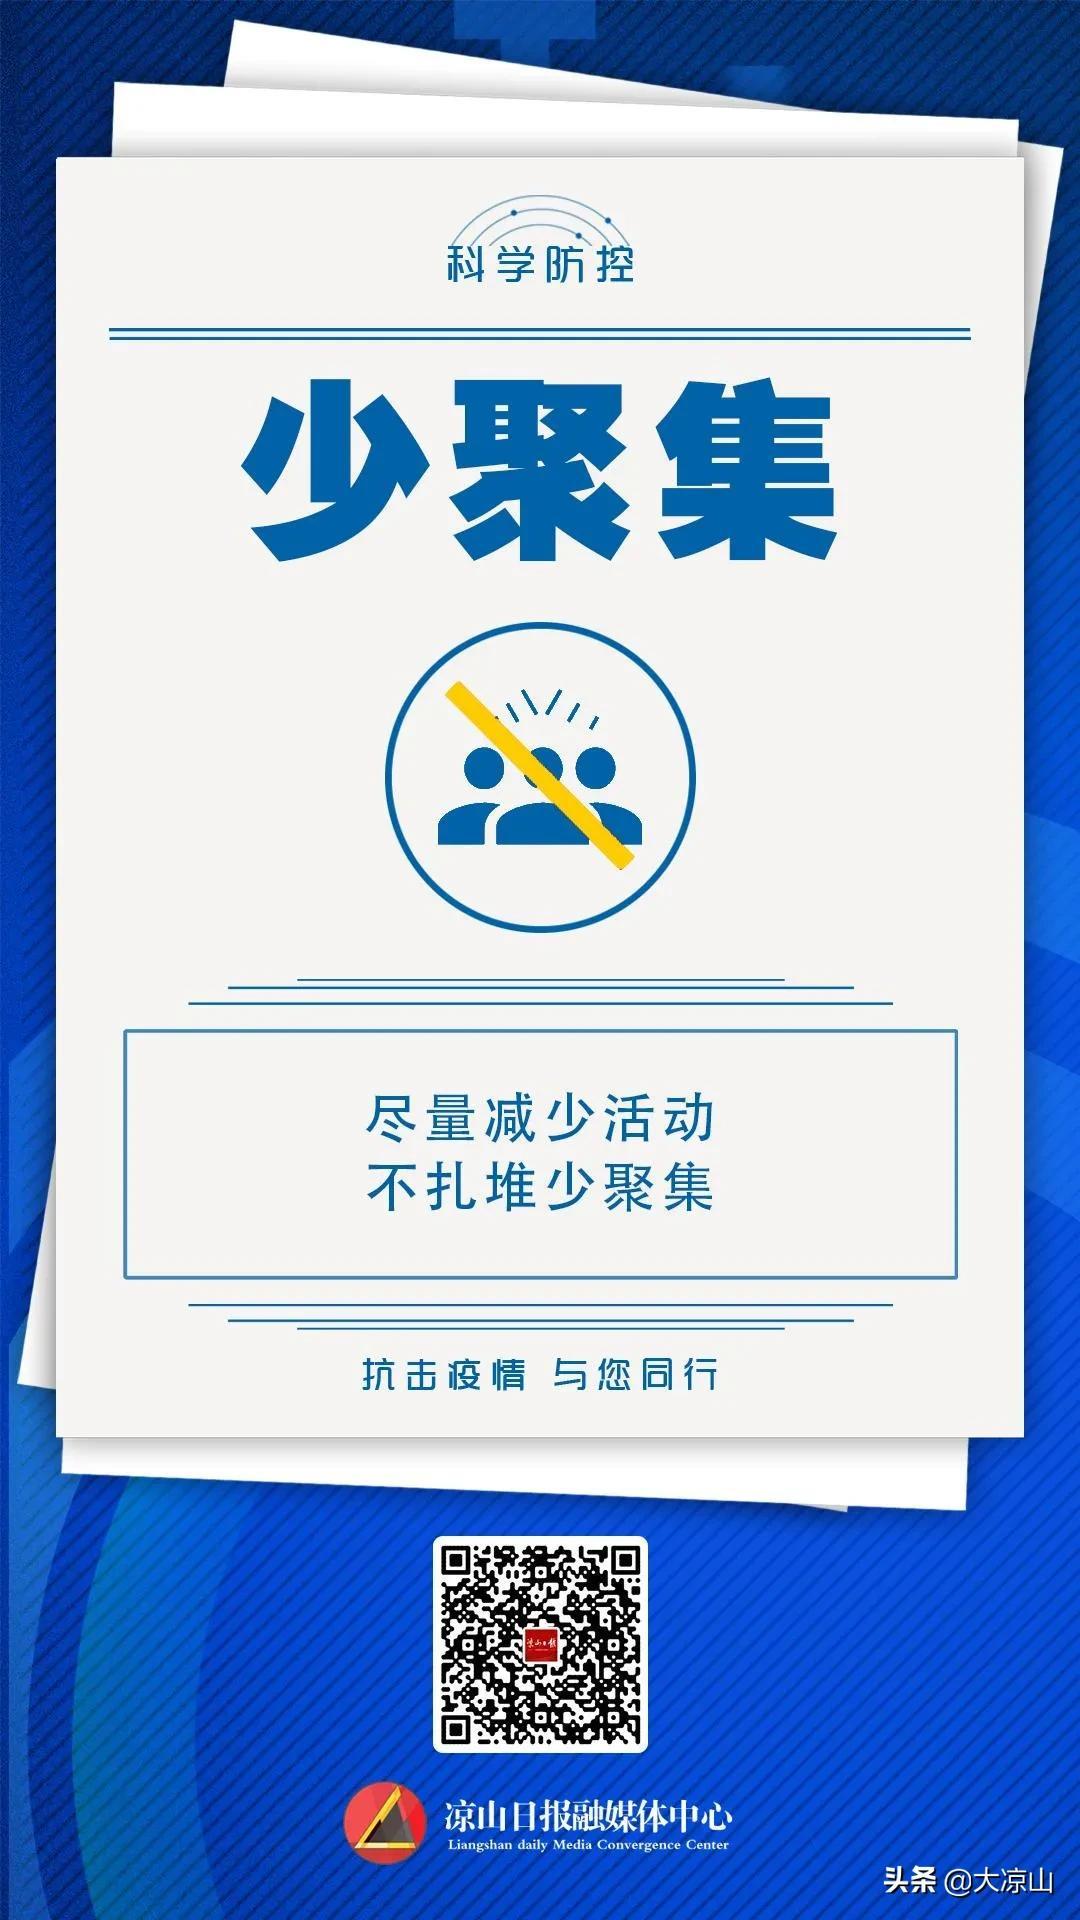 凉山州疾控中心:建议广大州内居民如非必要,不要出州